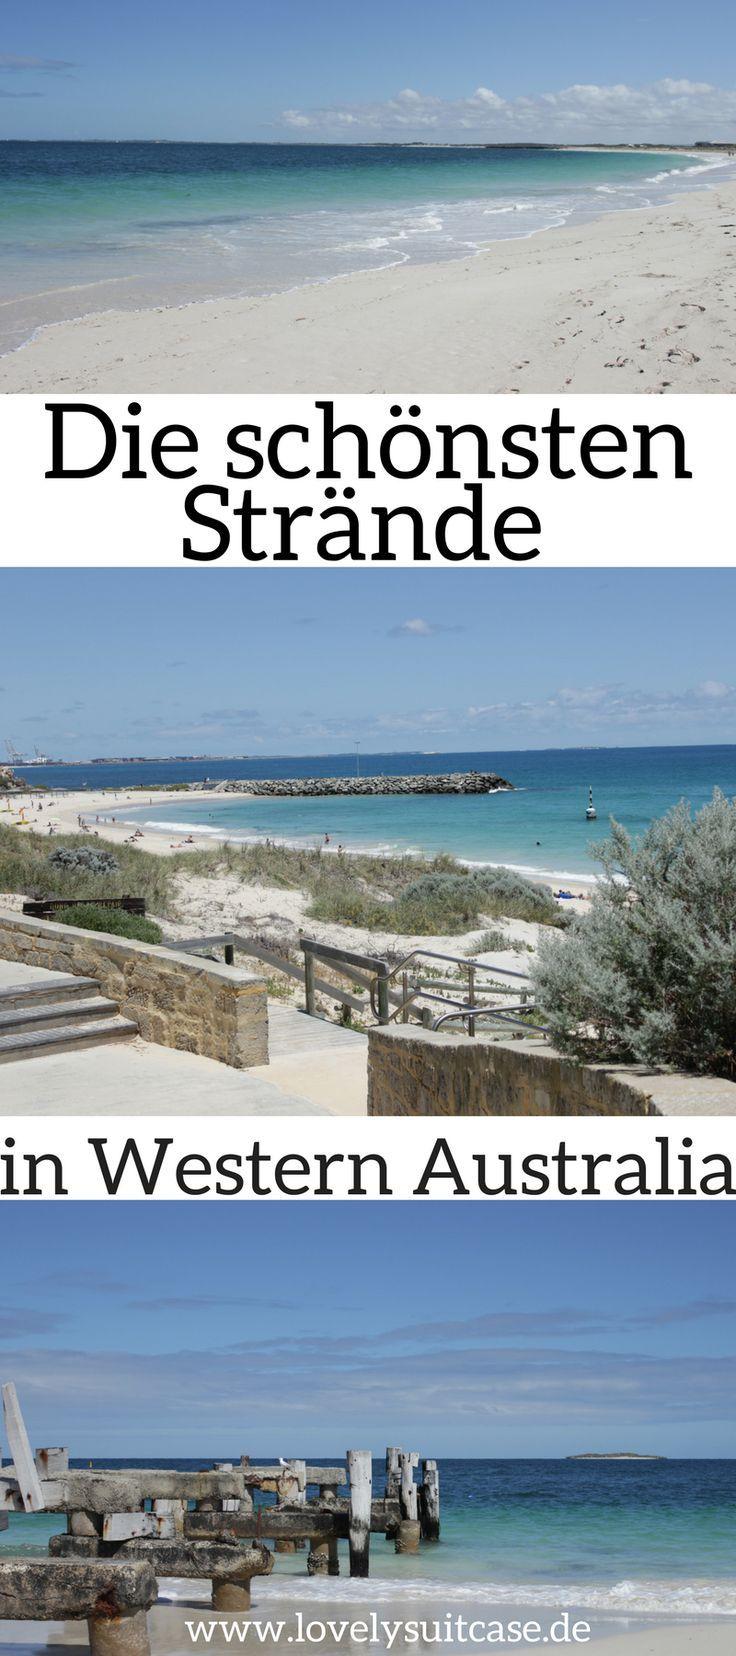 Perth an der Westküste Australiens ist der perfekte Ausgangspunkt für tolle Tagesausflüge an die schönsten Strände von Western Australia. Entdecke mit diesen Reisetipps Australien von einer ganz neuen Seite. #Australien #Perth #Strand #WesternAustralia